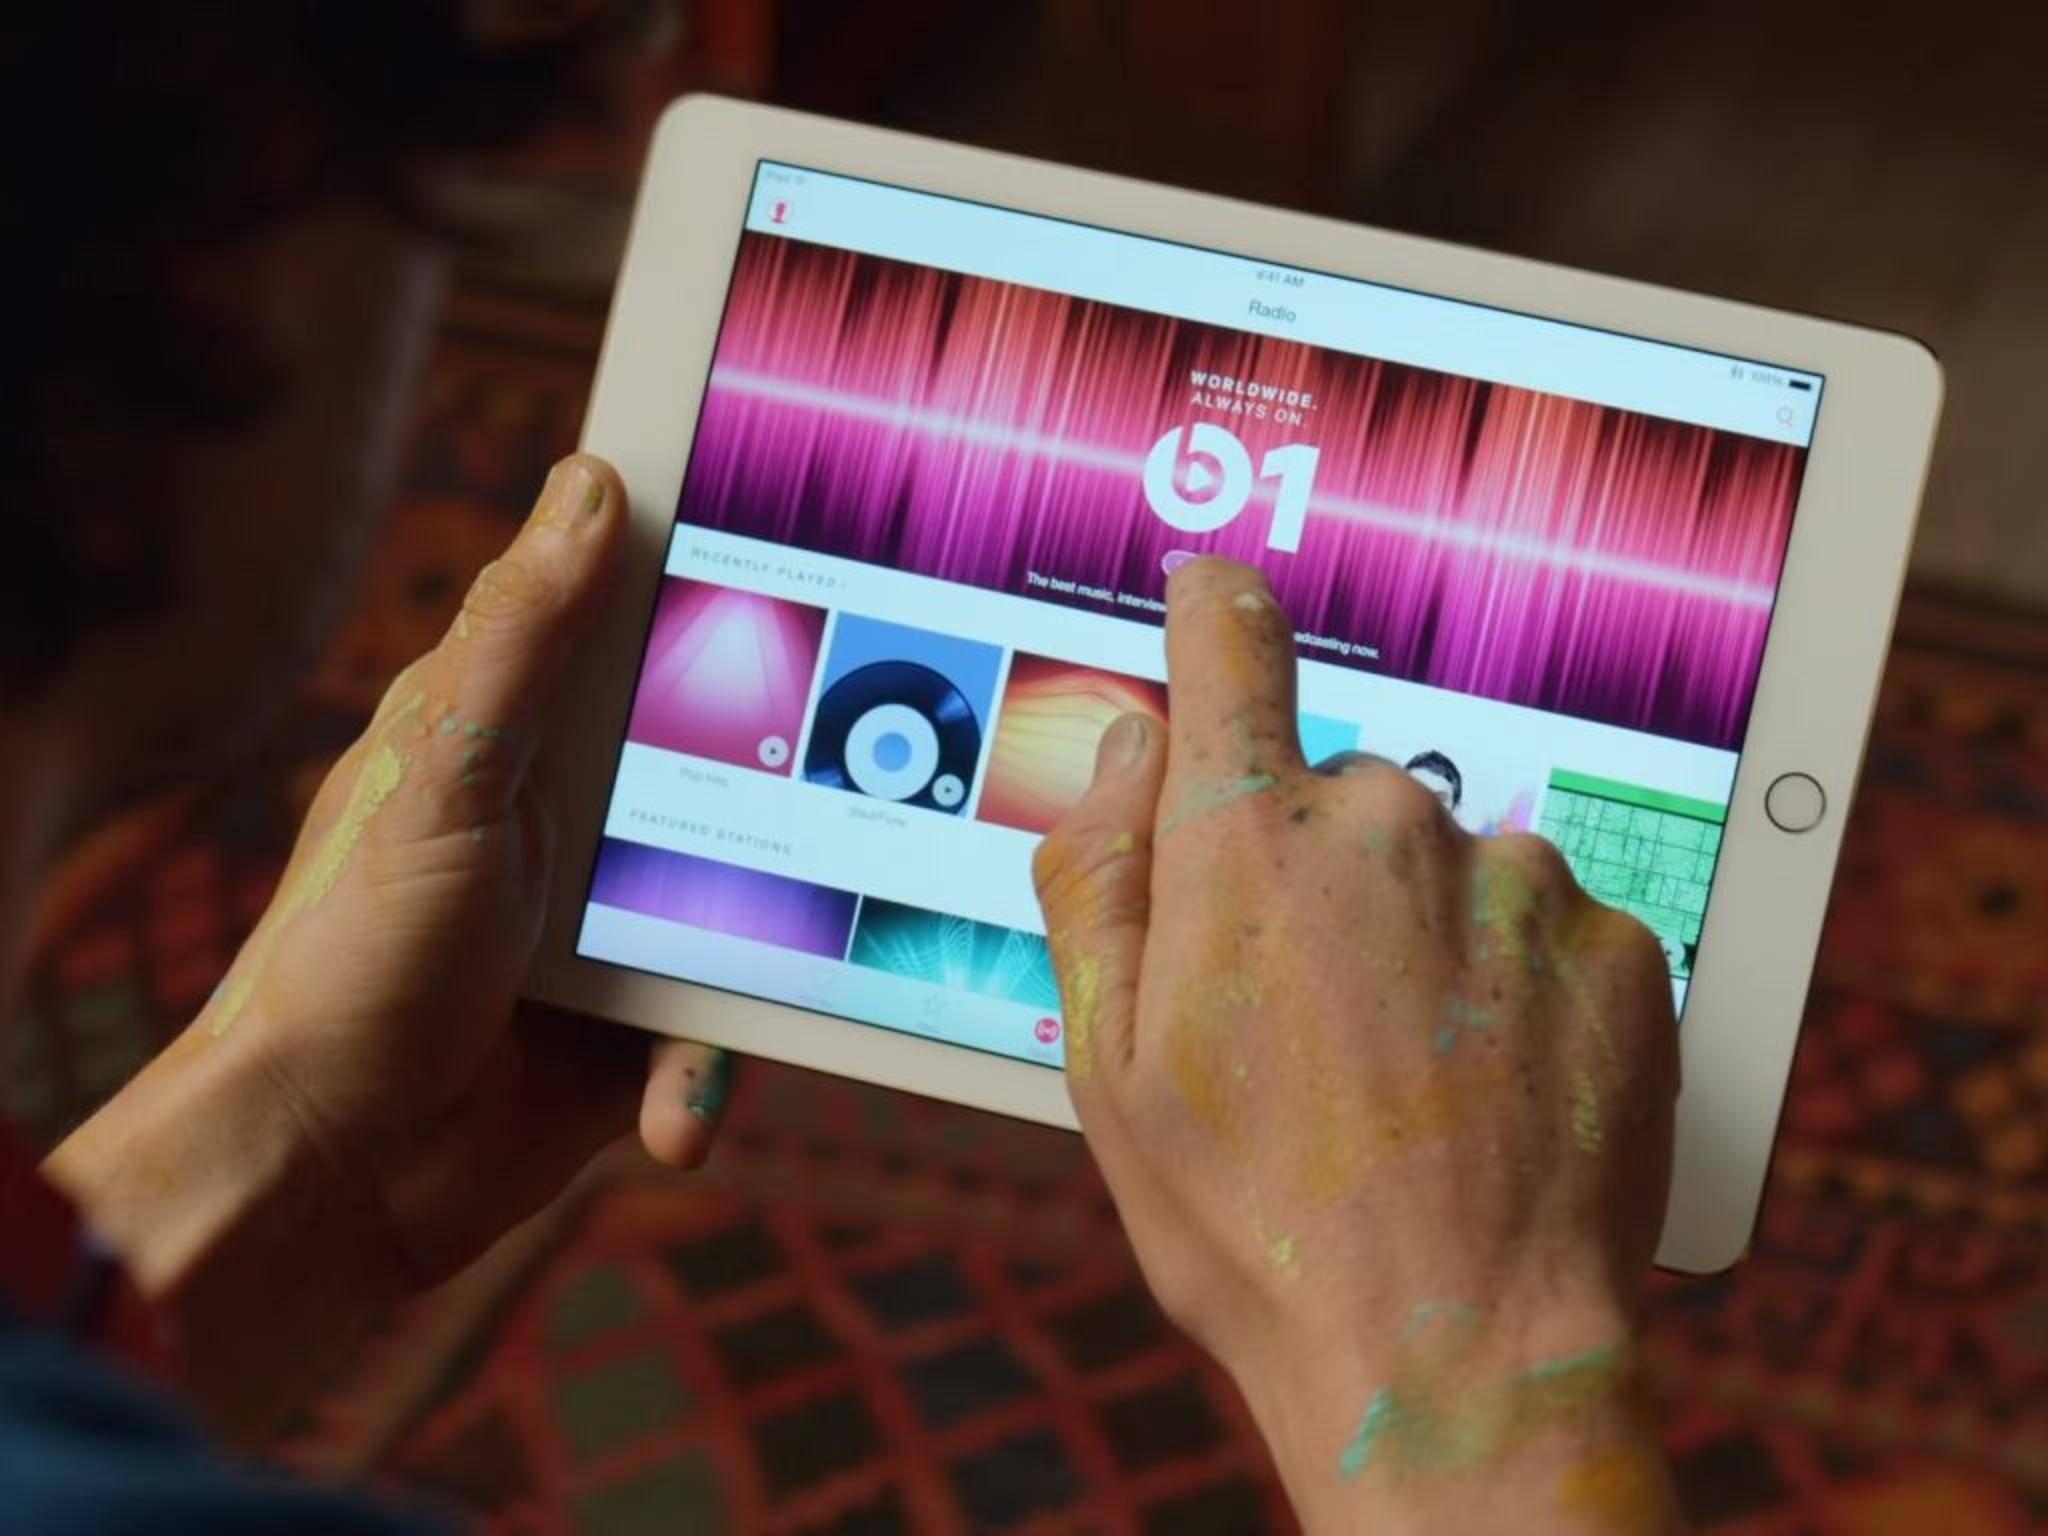 Apple Music gab es bisher nur für iOS-Geräte, jetzt soll die Android-Welt erobert werden.